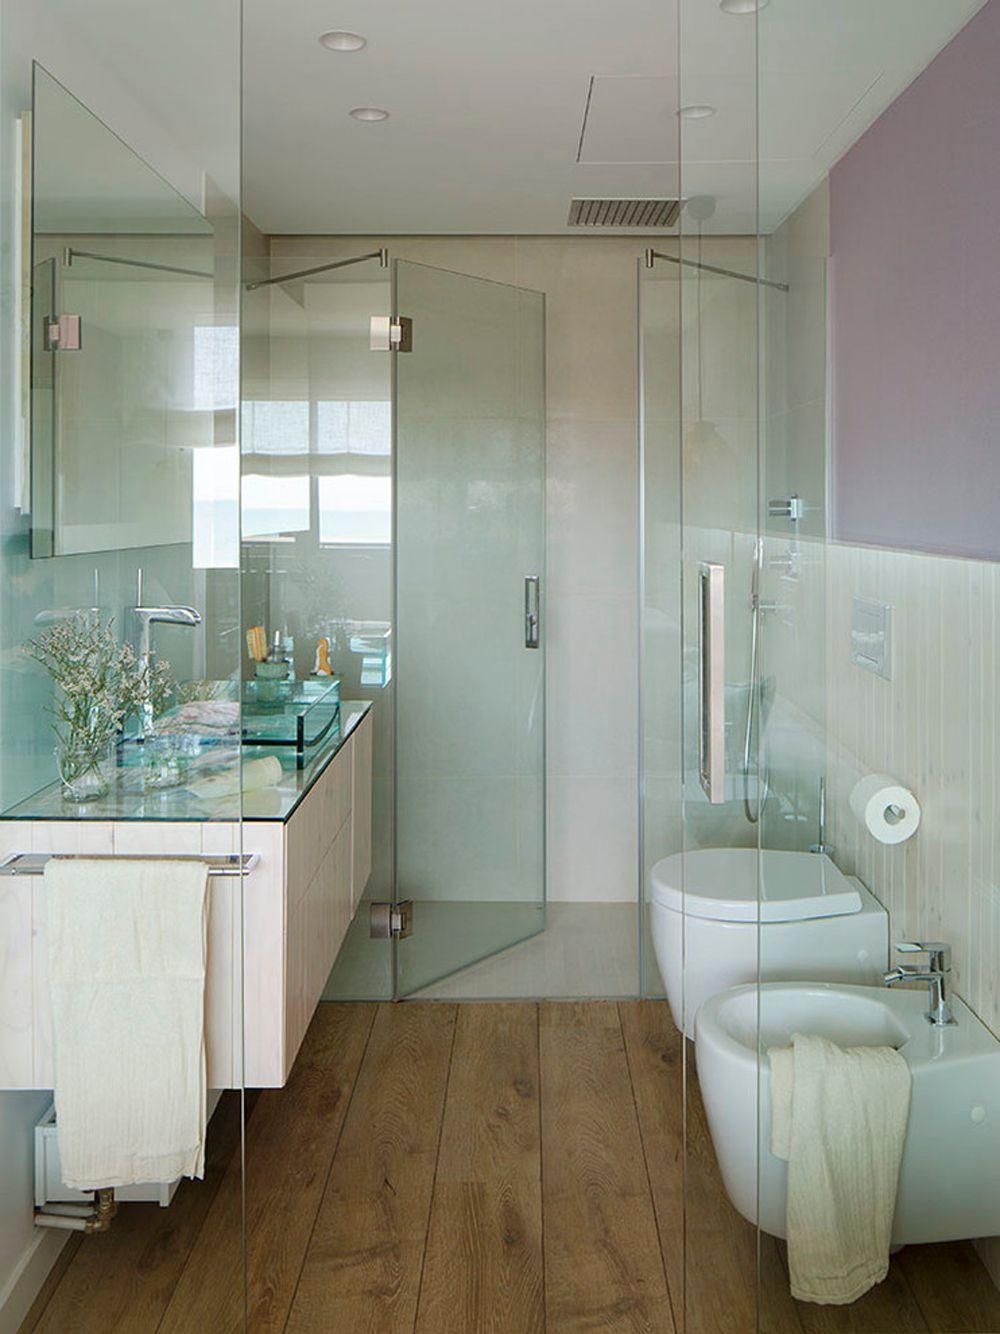 Best bidet toilet seats to buy for your bathroom ...